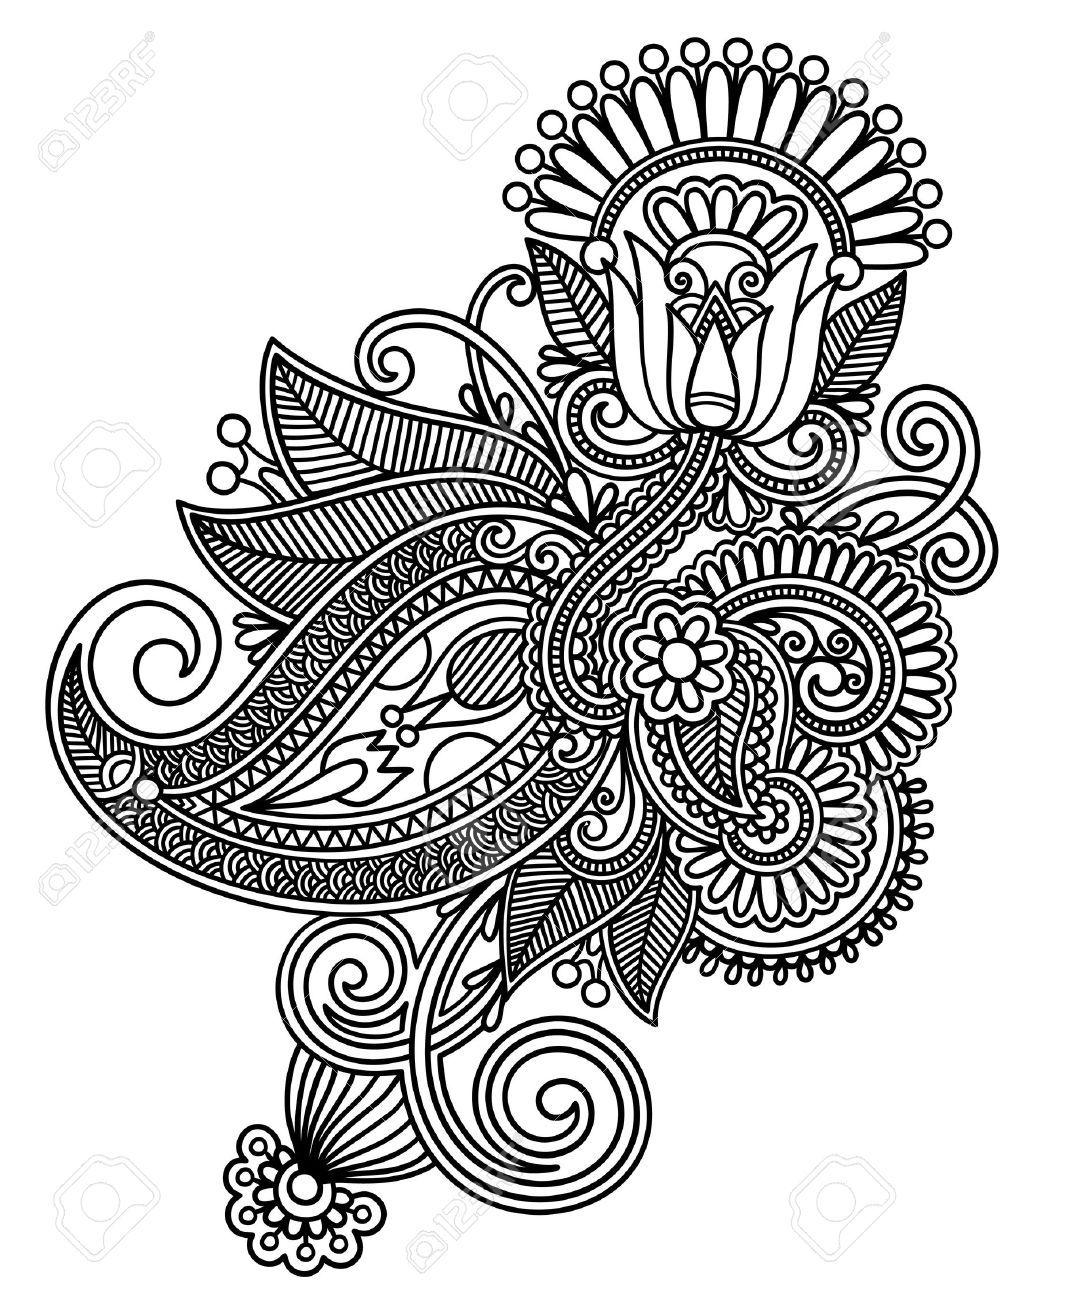 Line Art Design Trend : Hand draw line art ornate flower design stock